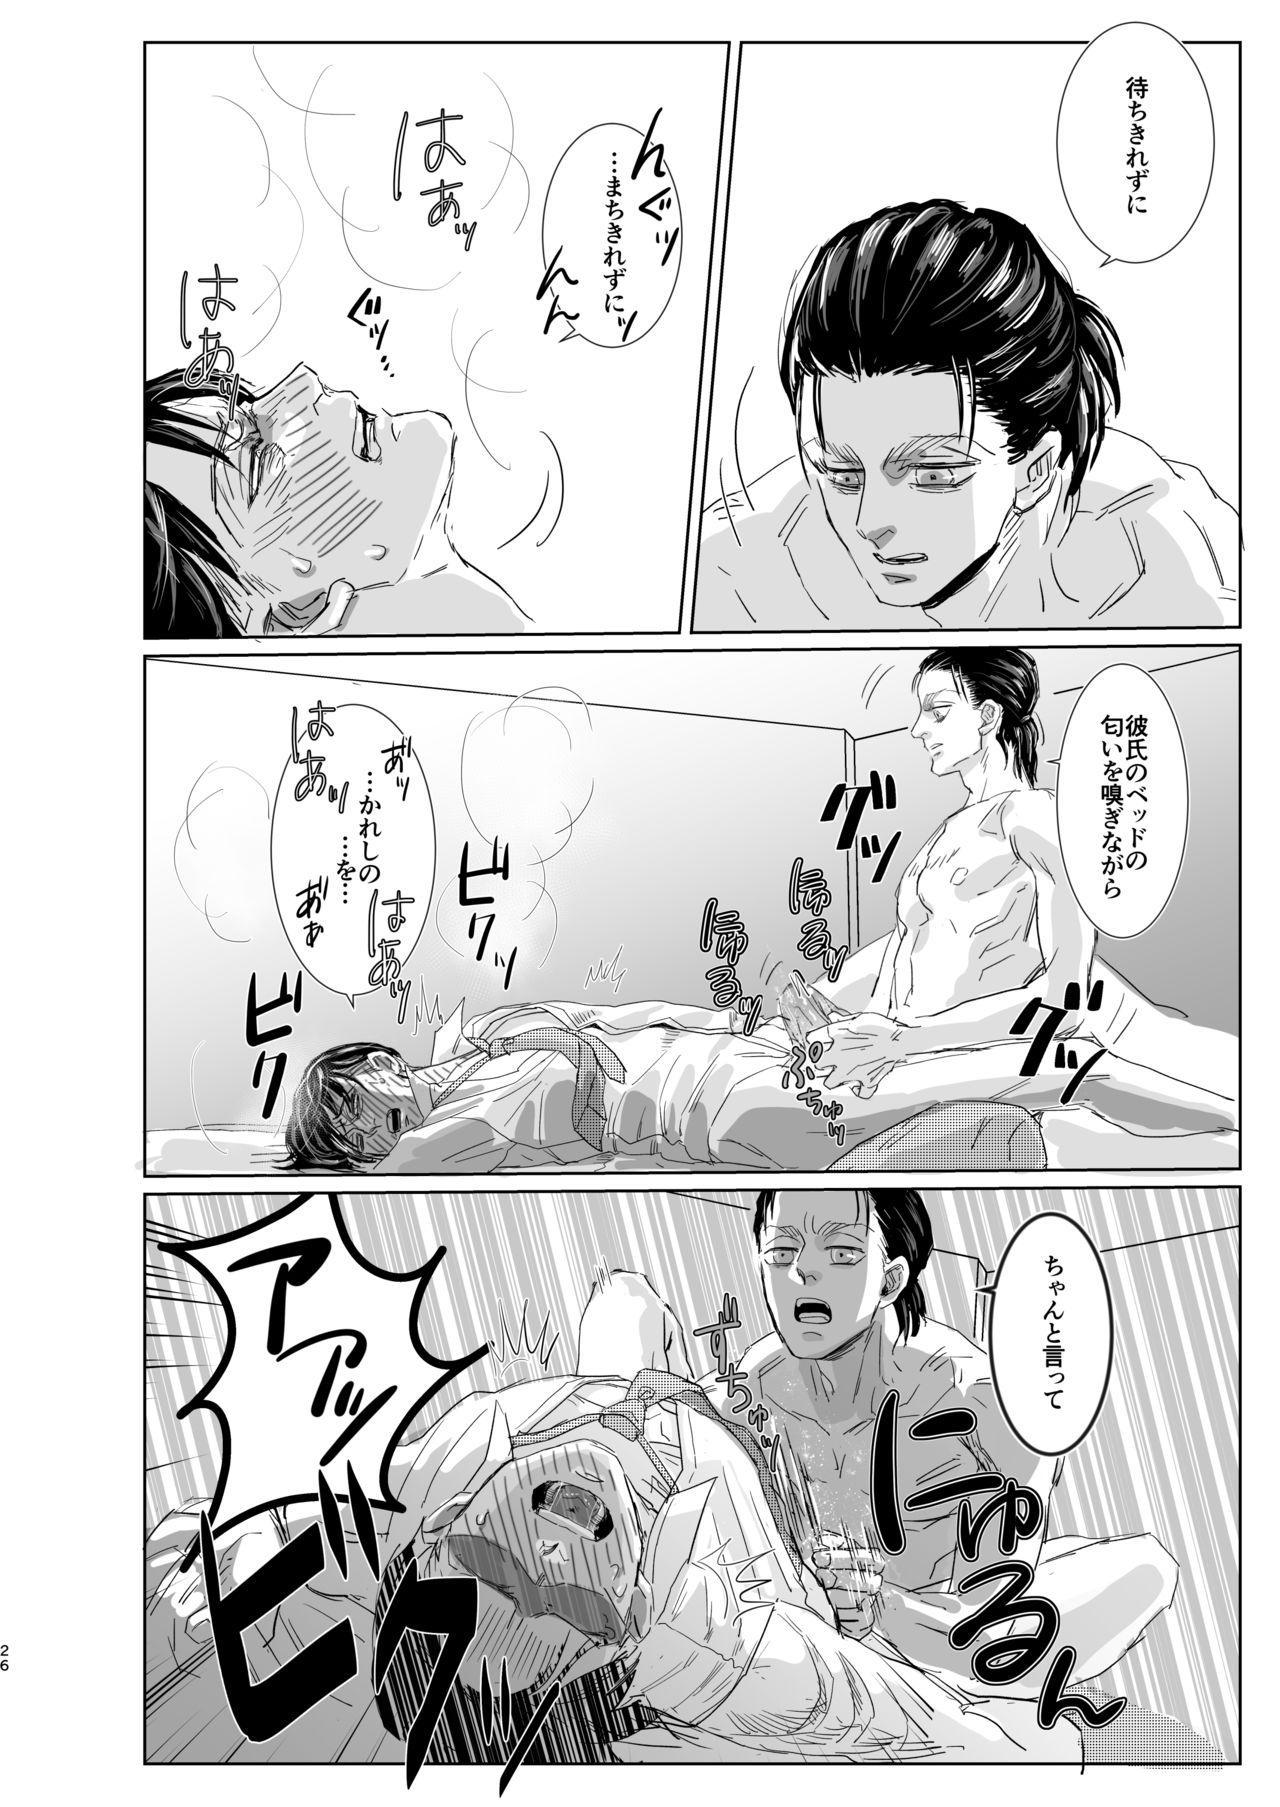 Ore no Kareshi ga Ore no Nioi o Sukisugite Komaru! 24